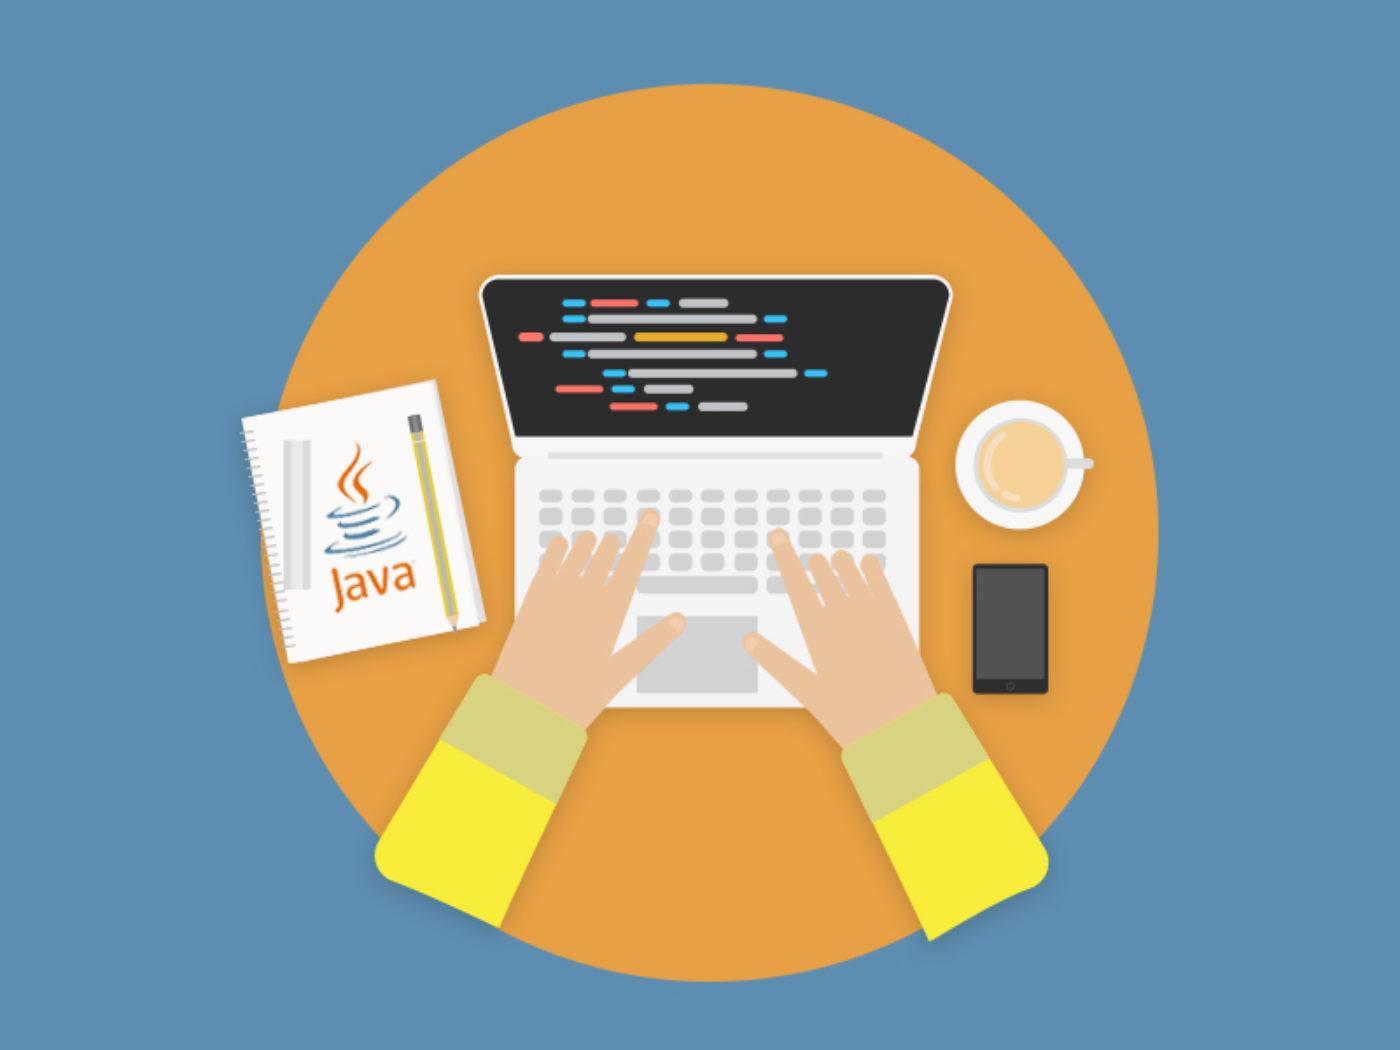 Мероприятия: Мастер-класс «Первая работа на позиции Java Developer. Ожидания и реальность» в Киеве